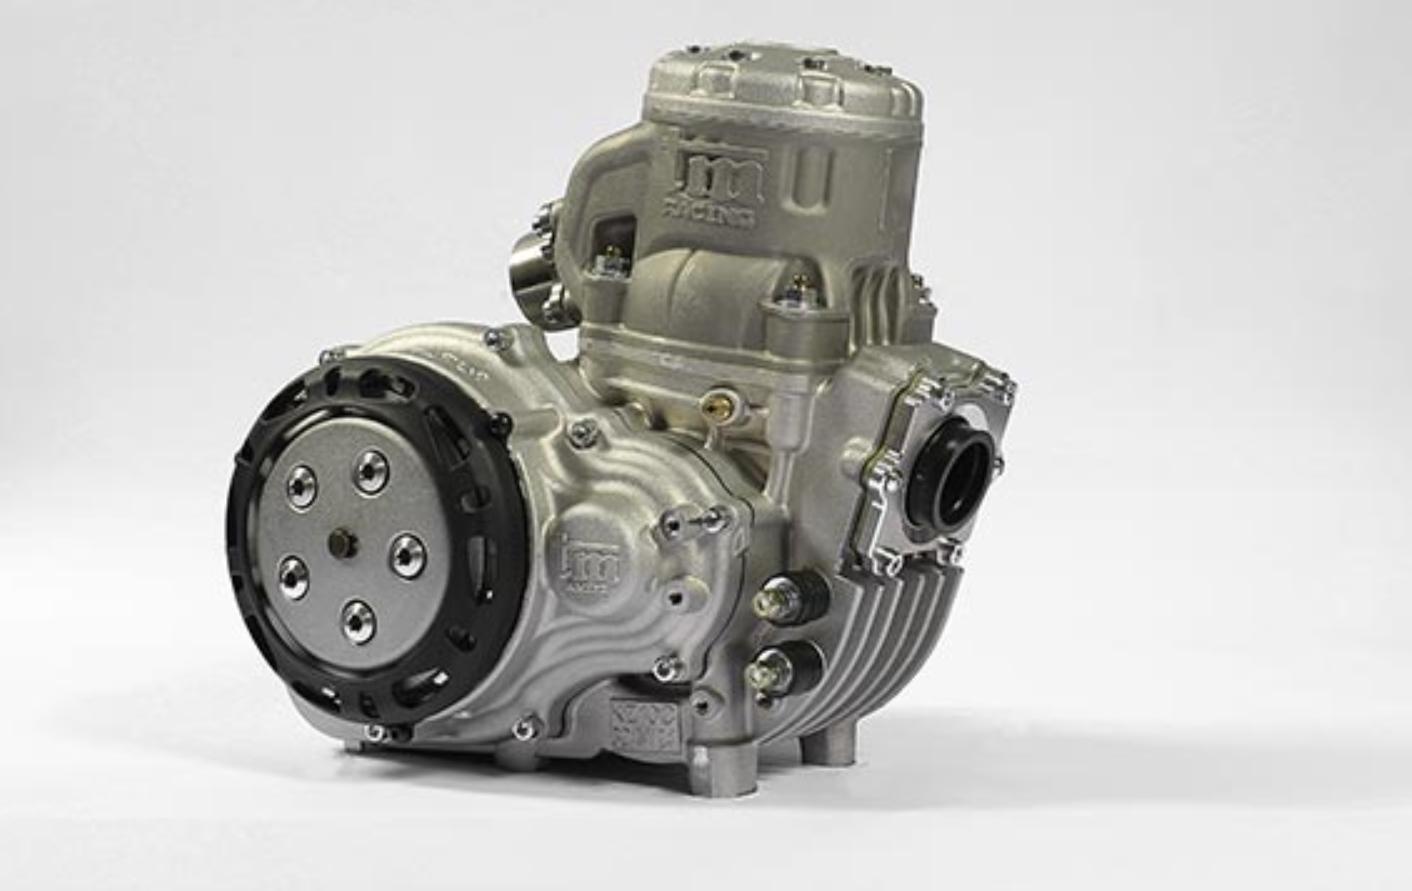 KZ двигателите са по-слаби от тези на пистовите мотори?